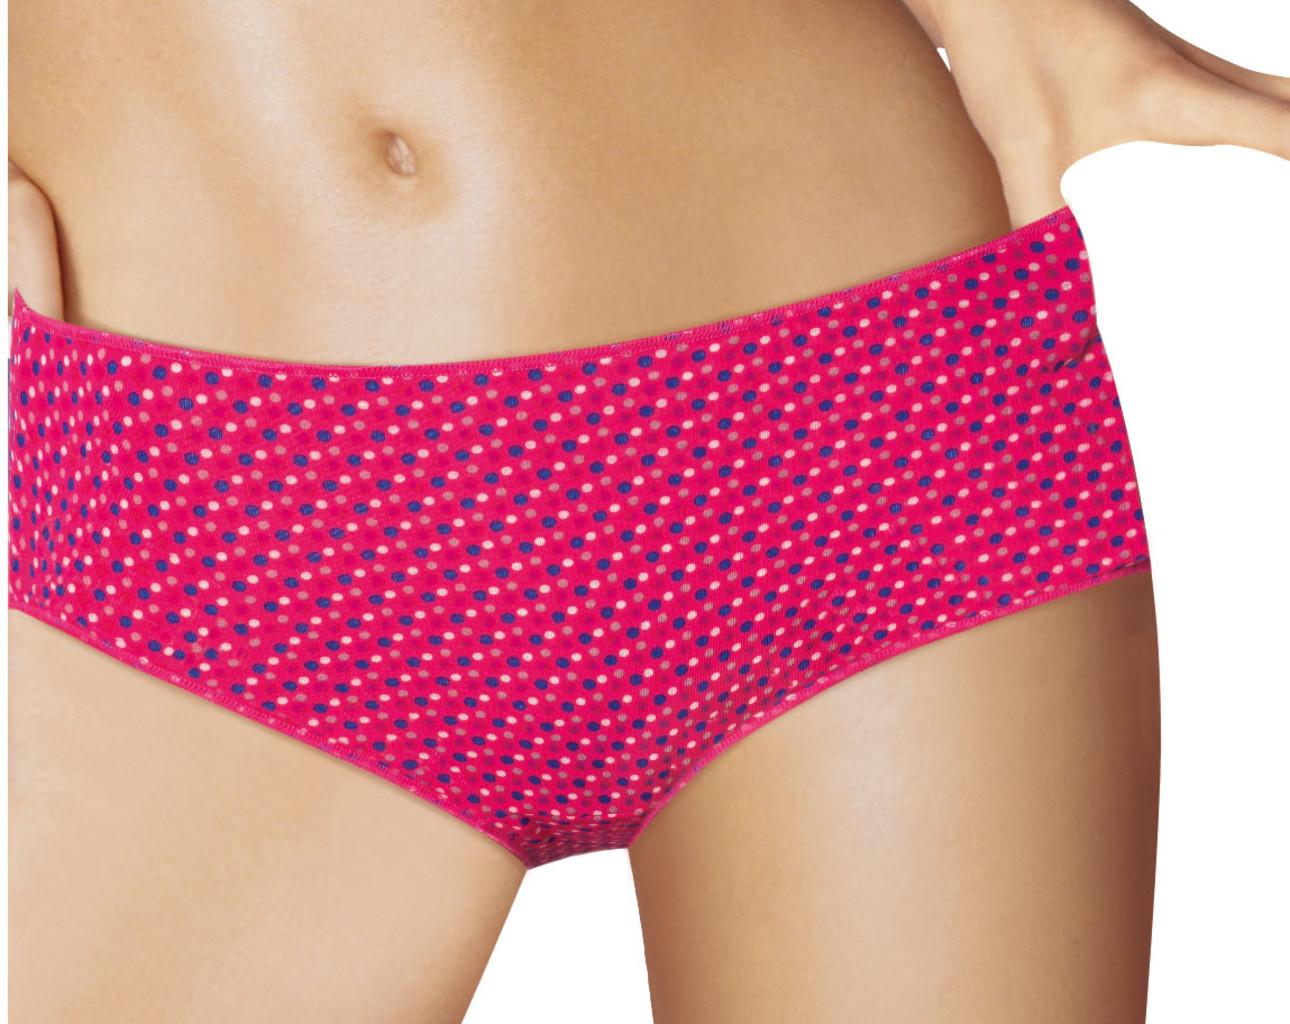 Dim ondergoed Dim Microfaser Fantasie Boxershortset kleur pink & print of marine & print